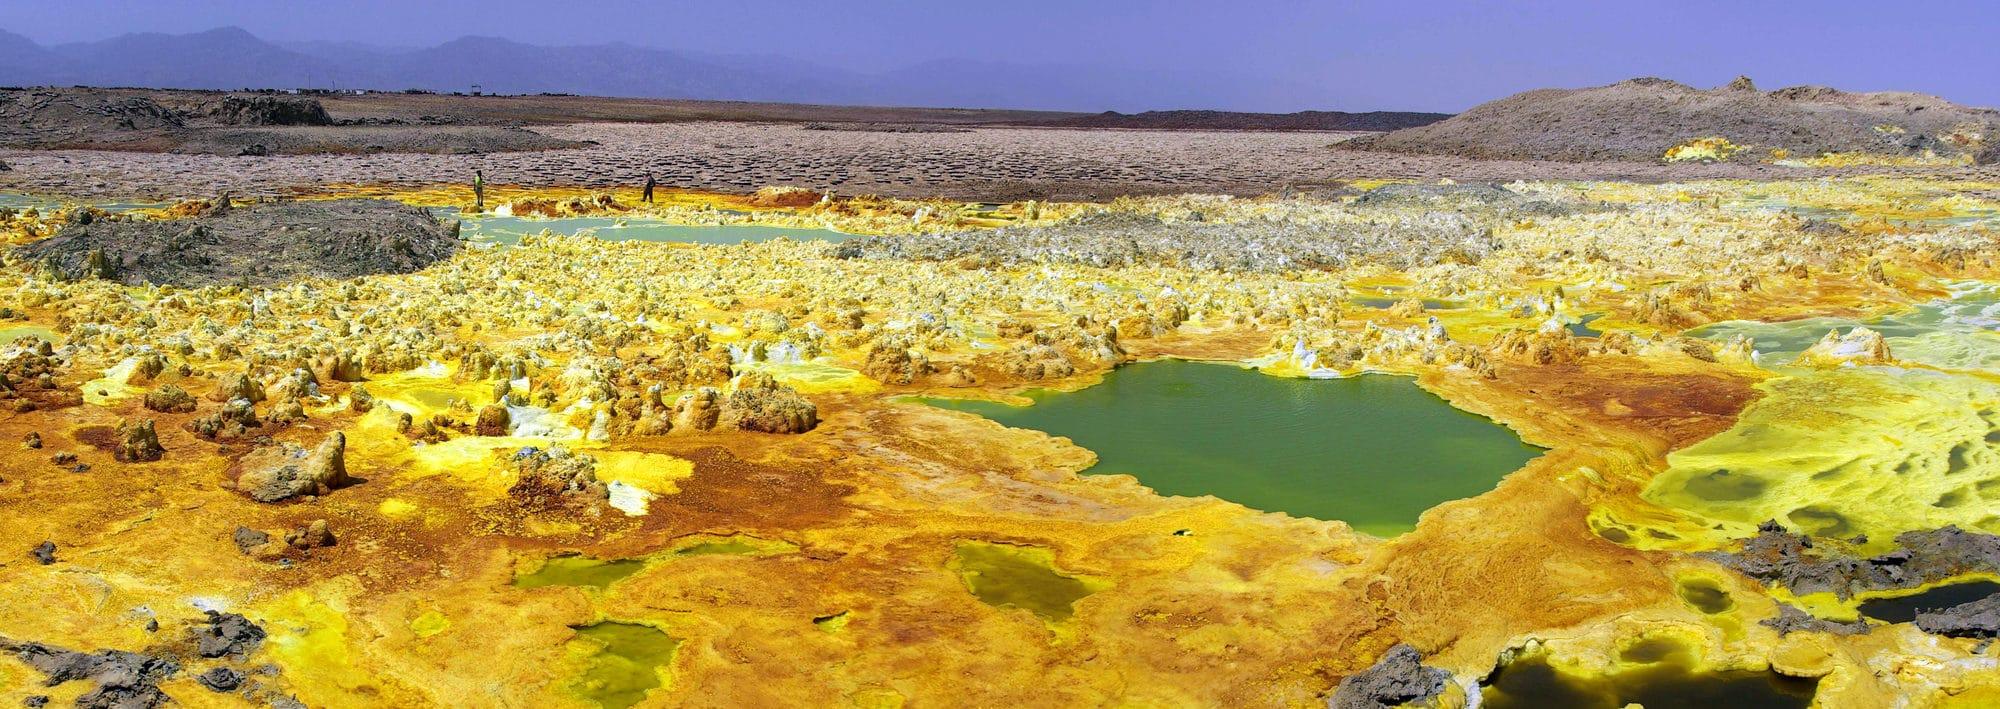 Ethiopie, le Dalol.